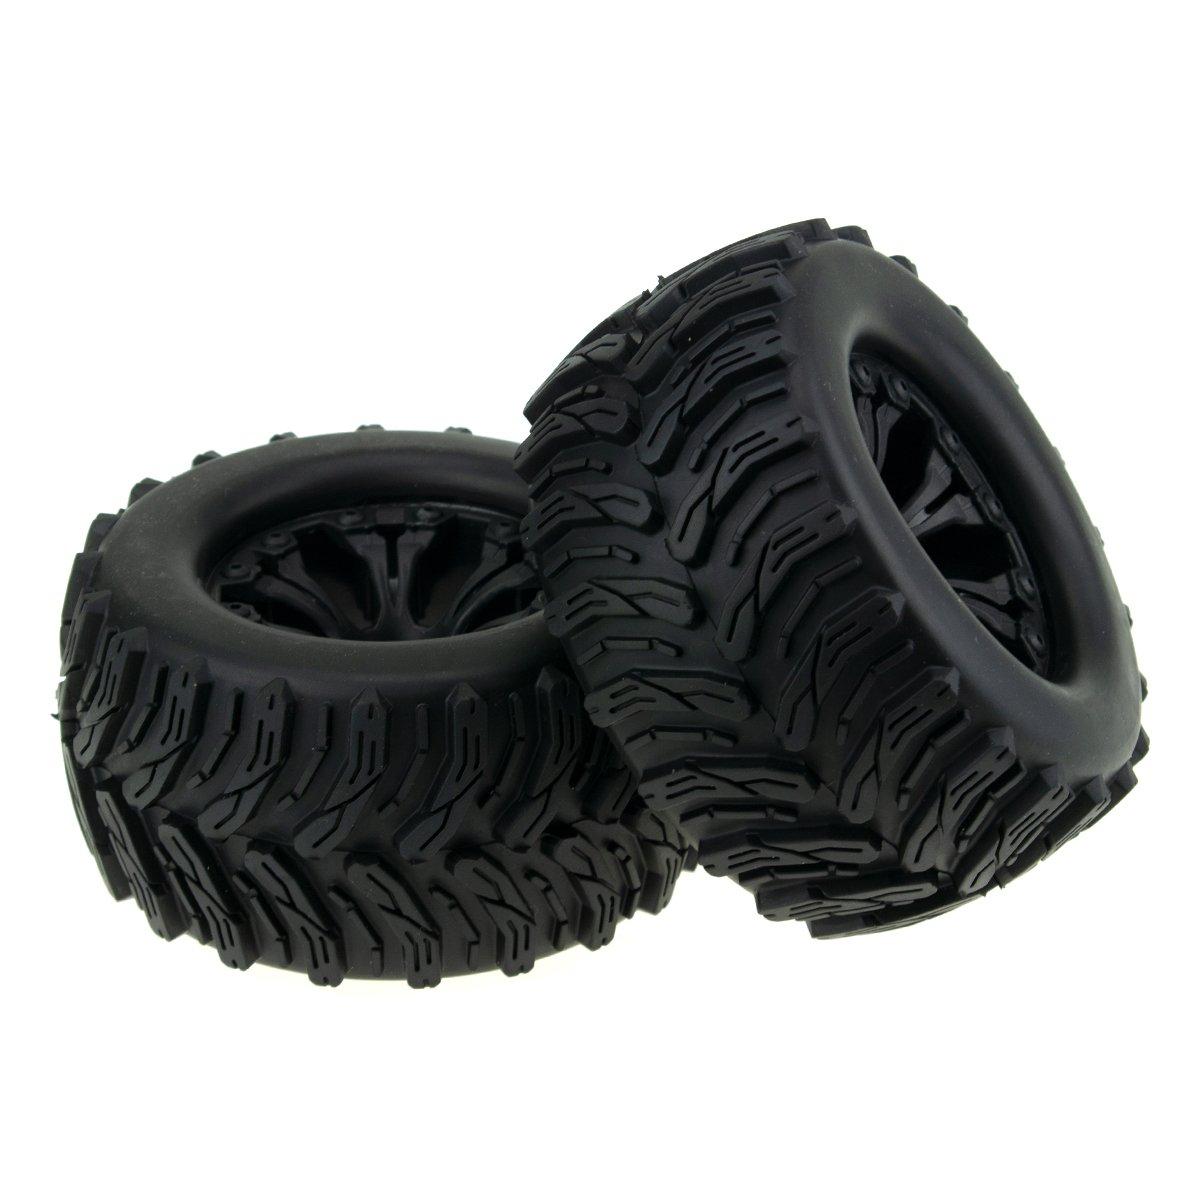 HobbyMarking 2Pcs RC 1/10 Monster Truck 123mm Tires Tyre & 12mm HEX Wheel Rims Hub for Traxxas HPI HSP Tamiya Kyosho Model Car